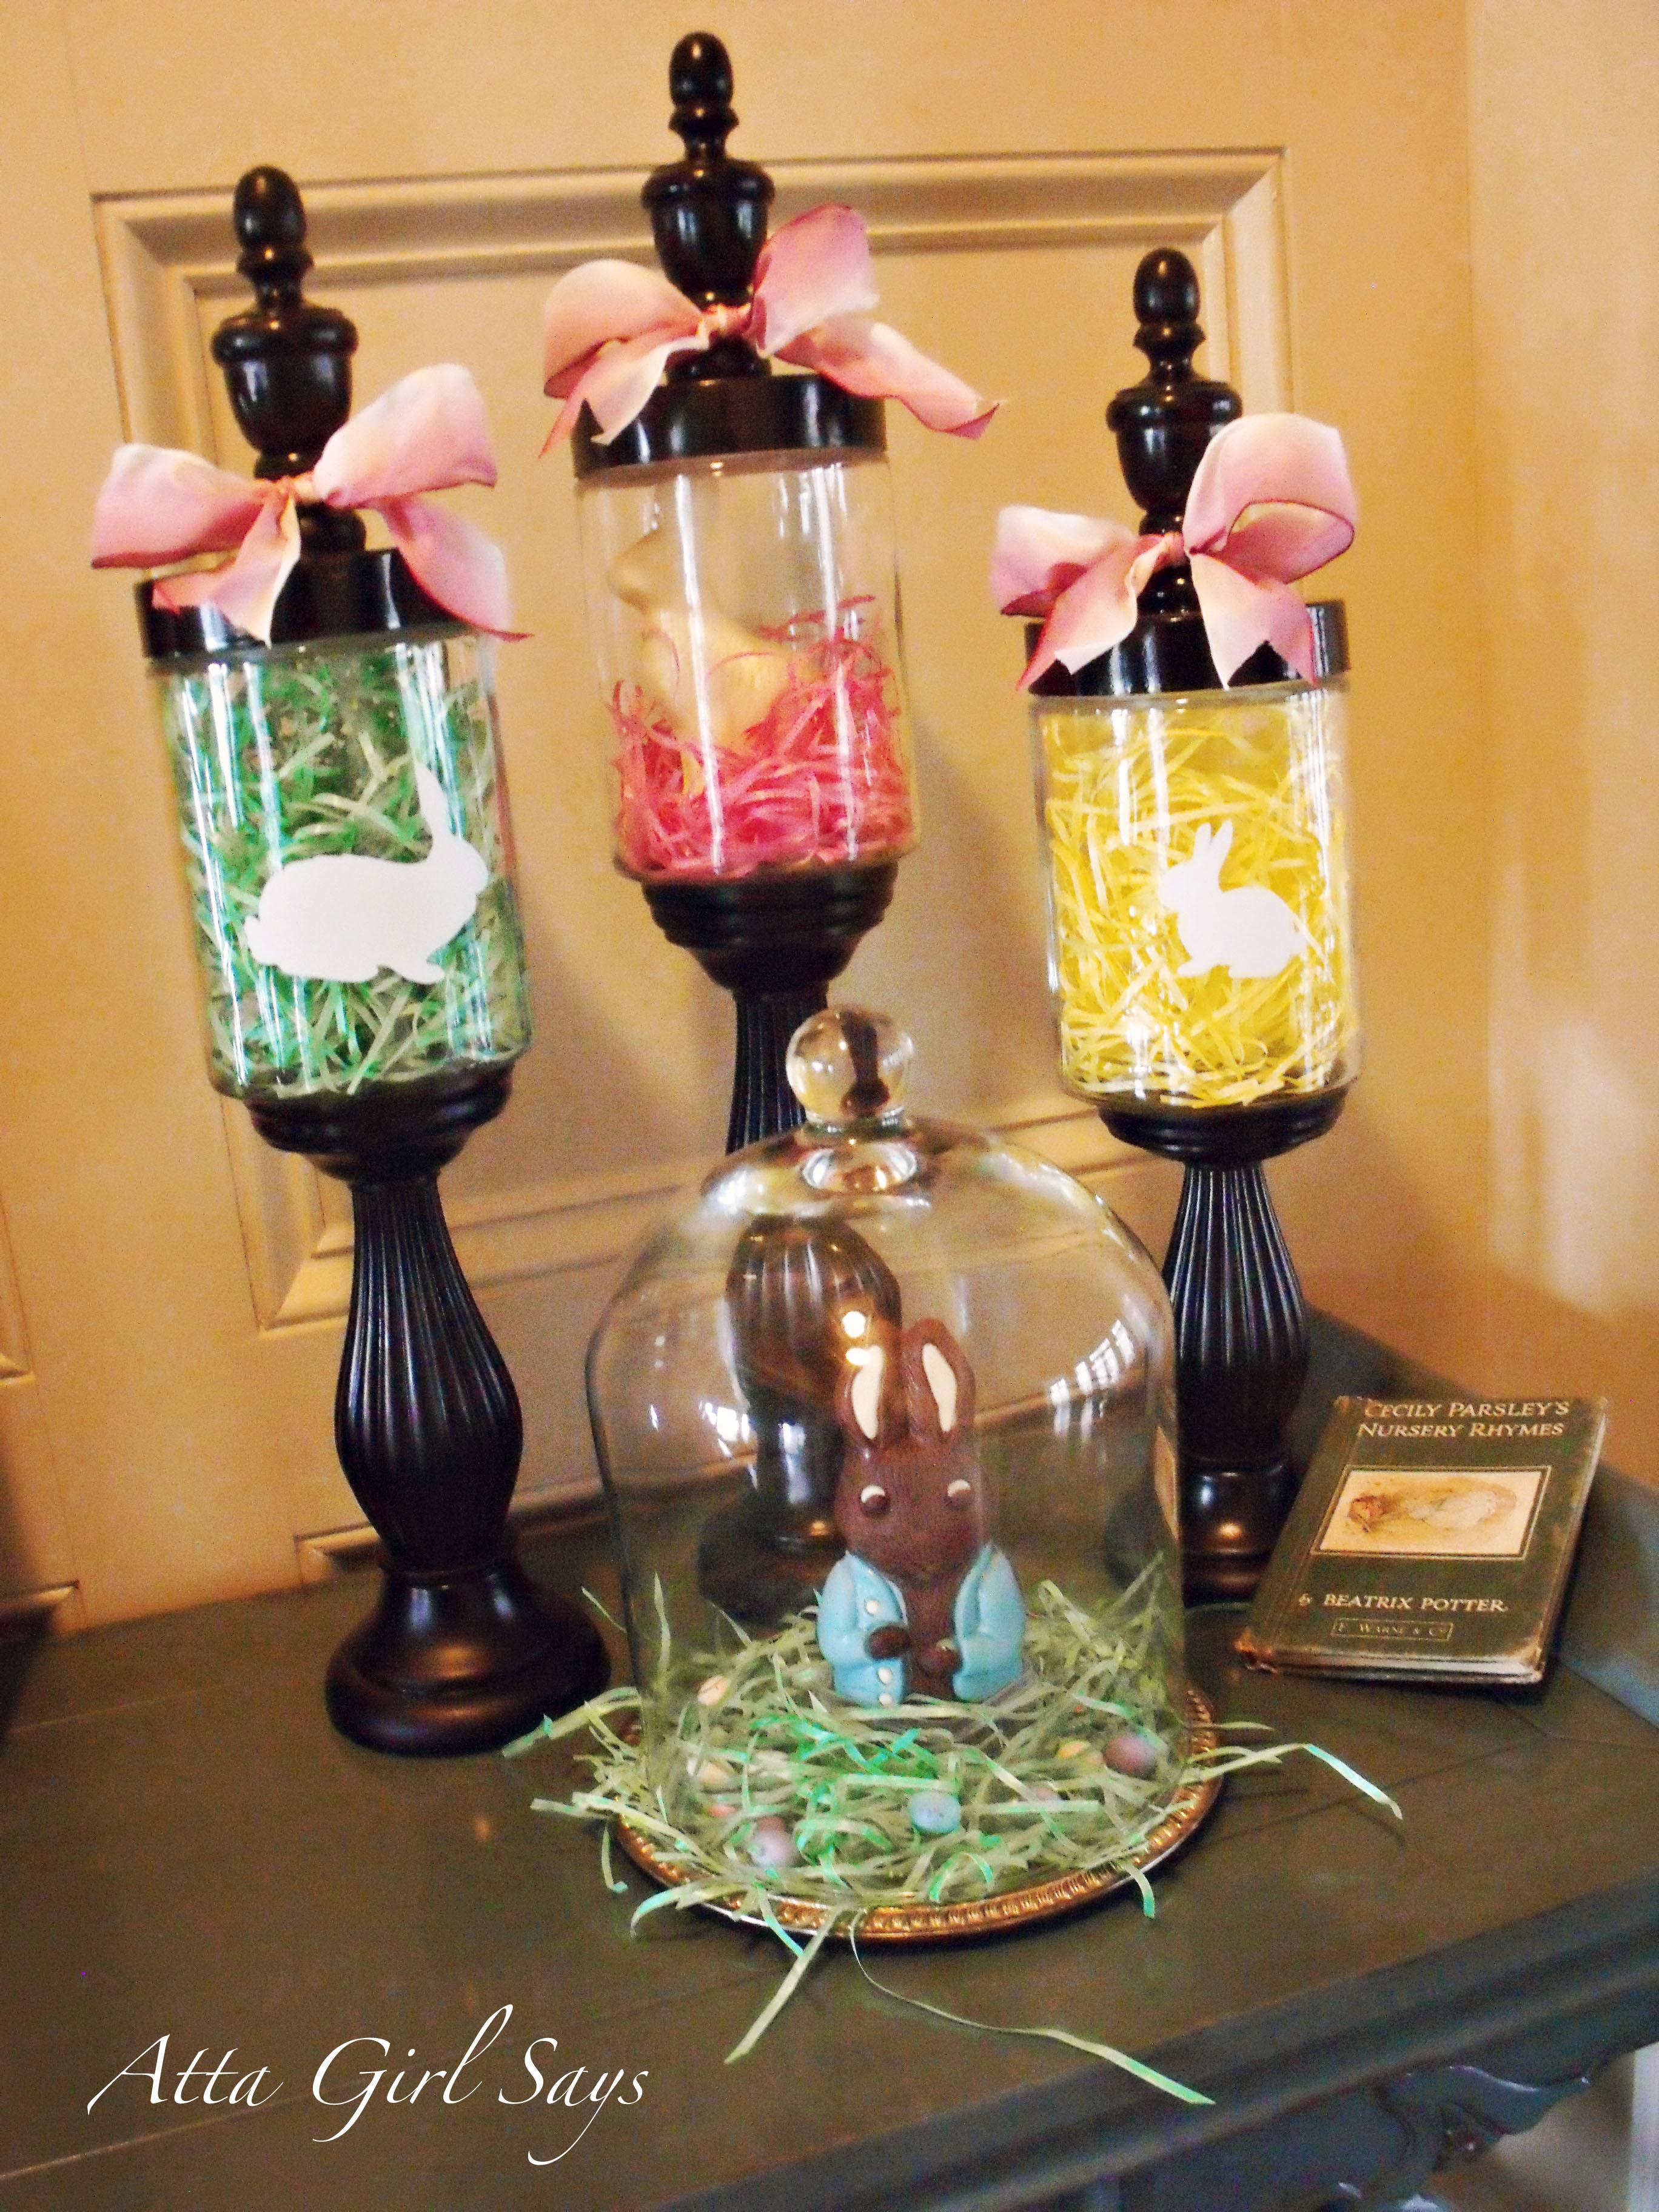 Atta Girl Amy's Homemade Easter Decor Atta Girl Says